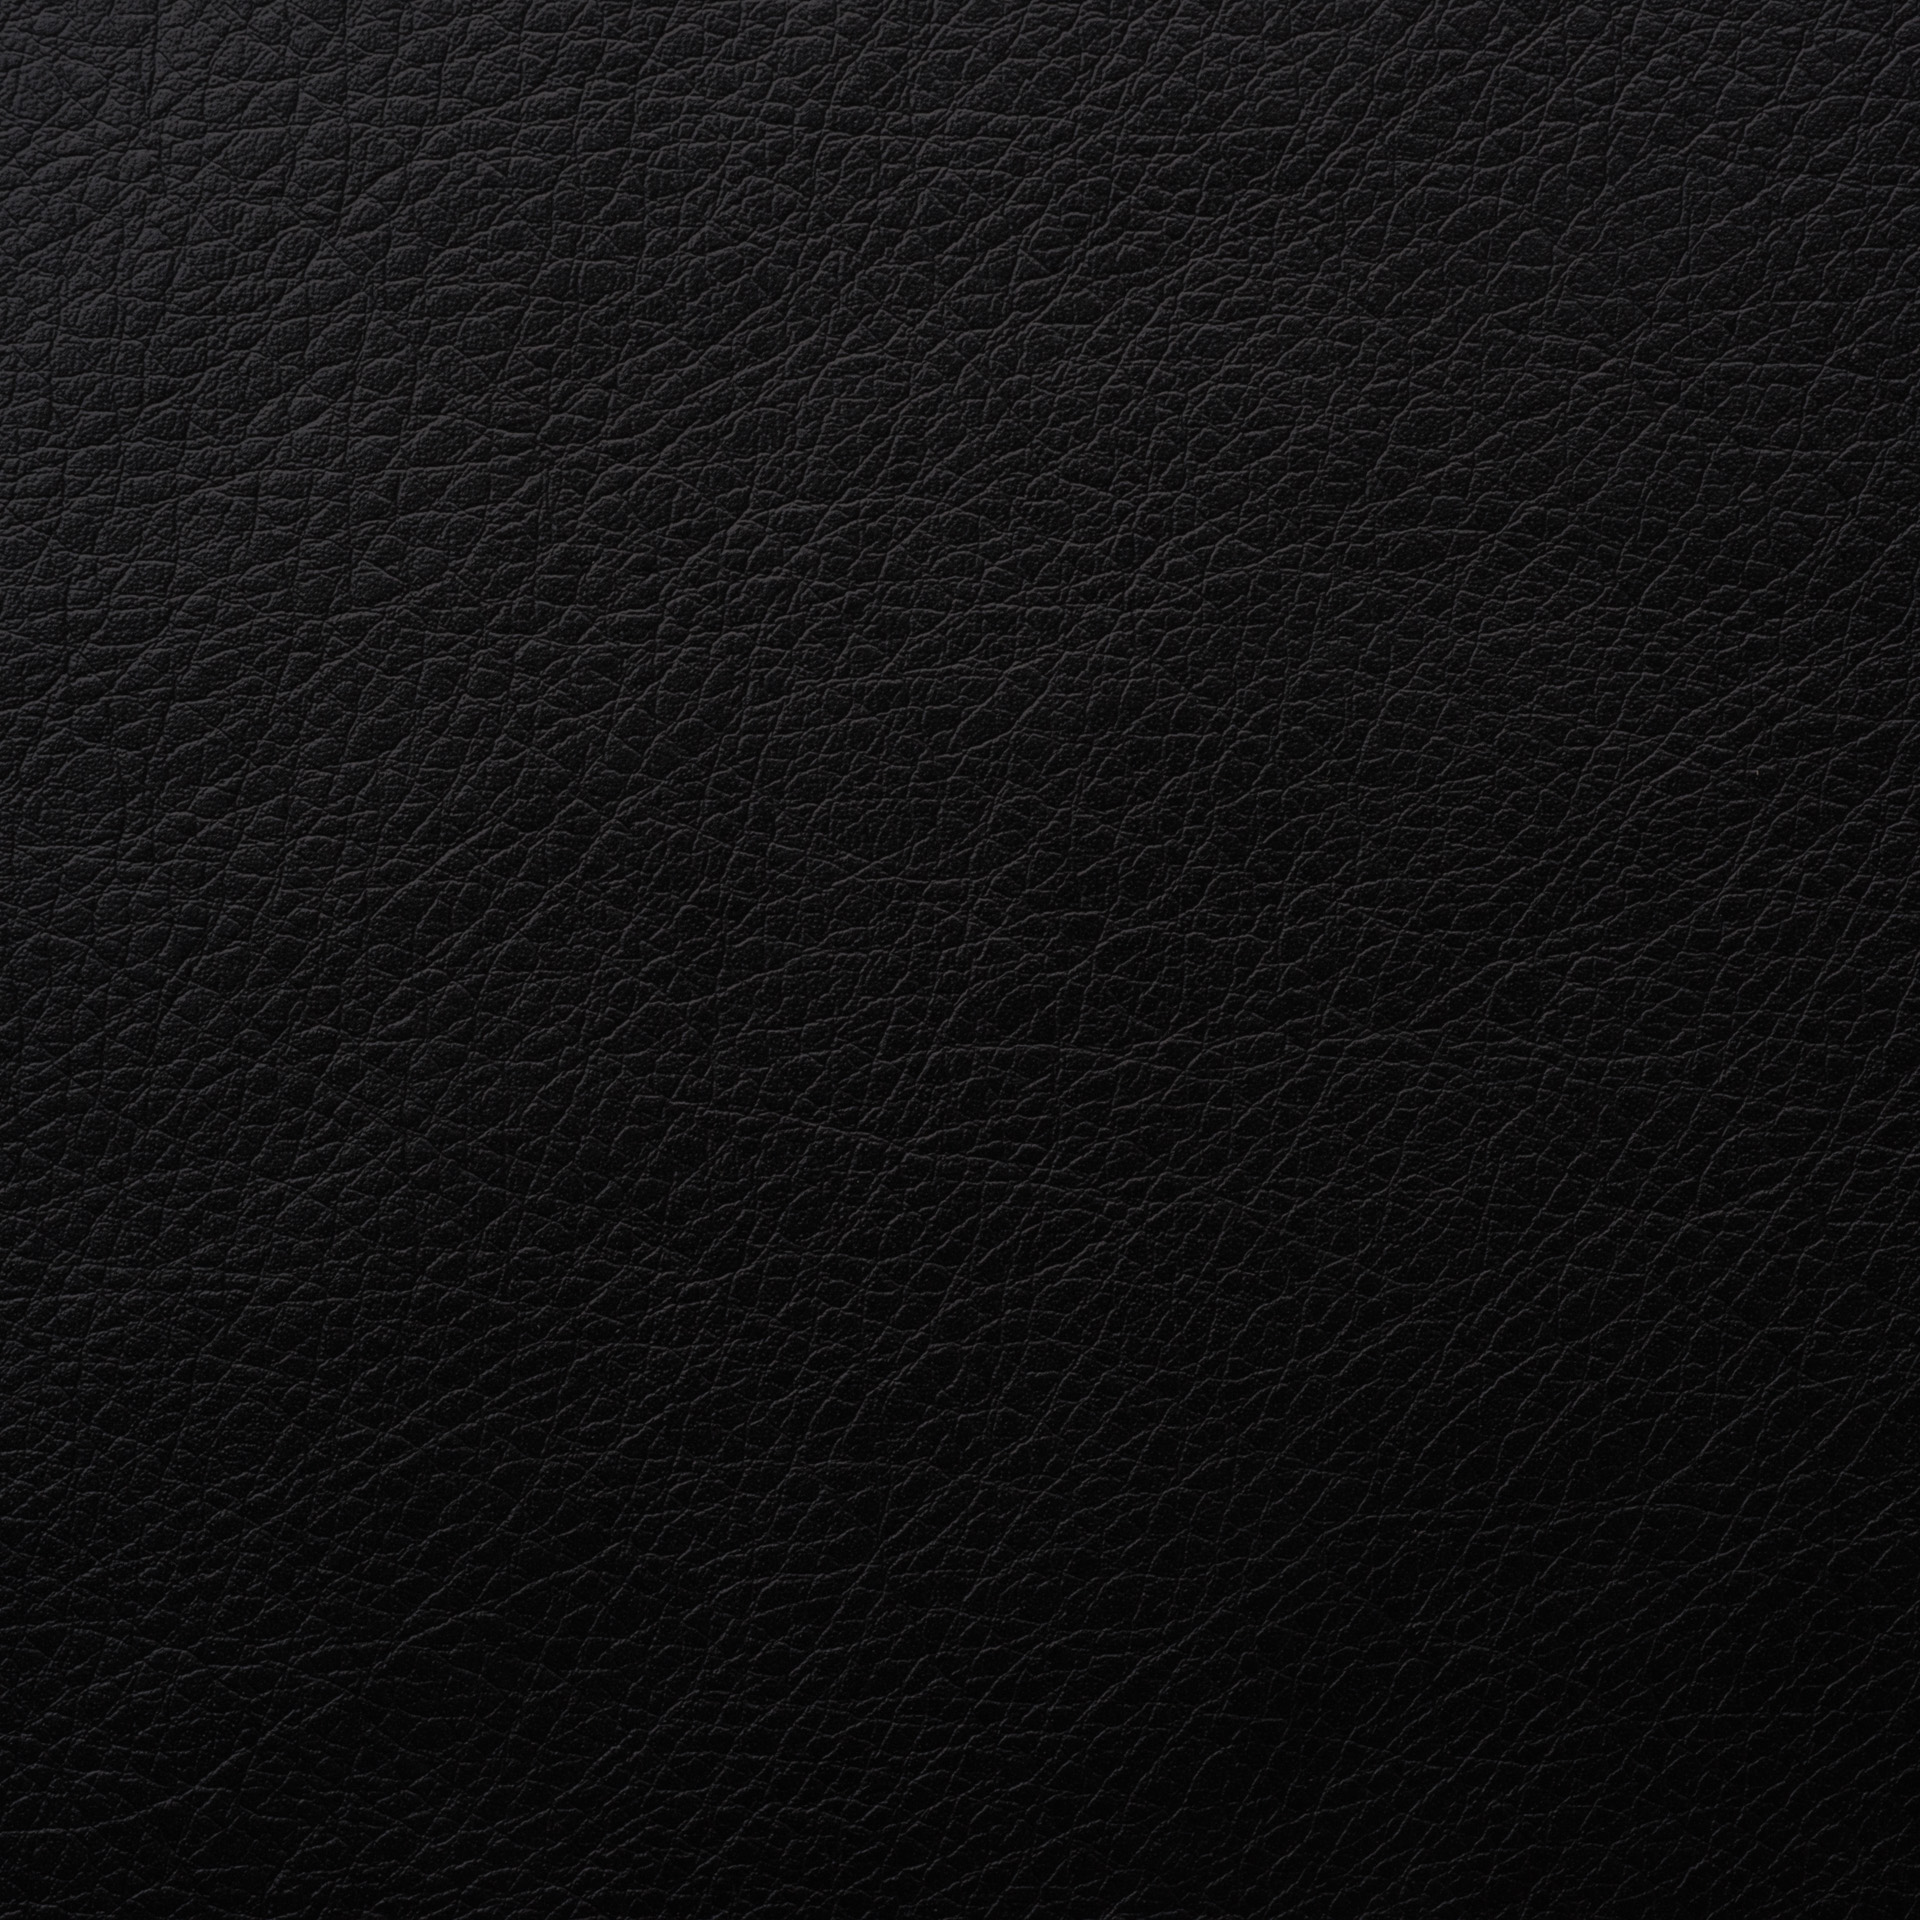 Коллекция ткани Титан BLACK,  купить ткань Кож зам для мебели Украина